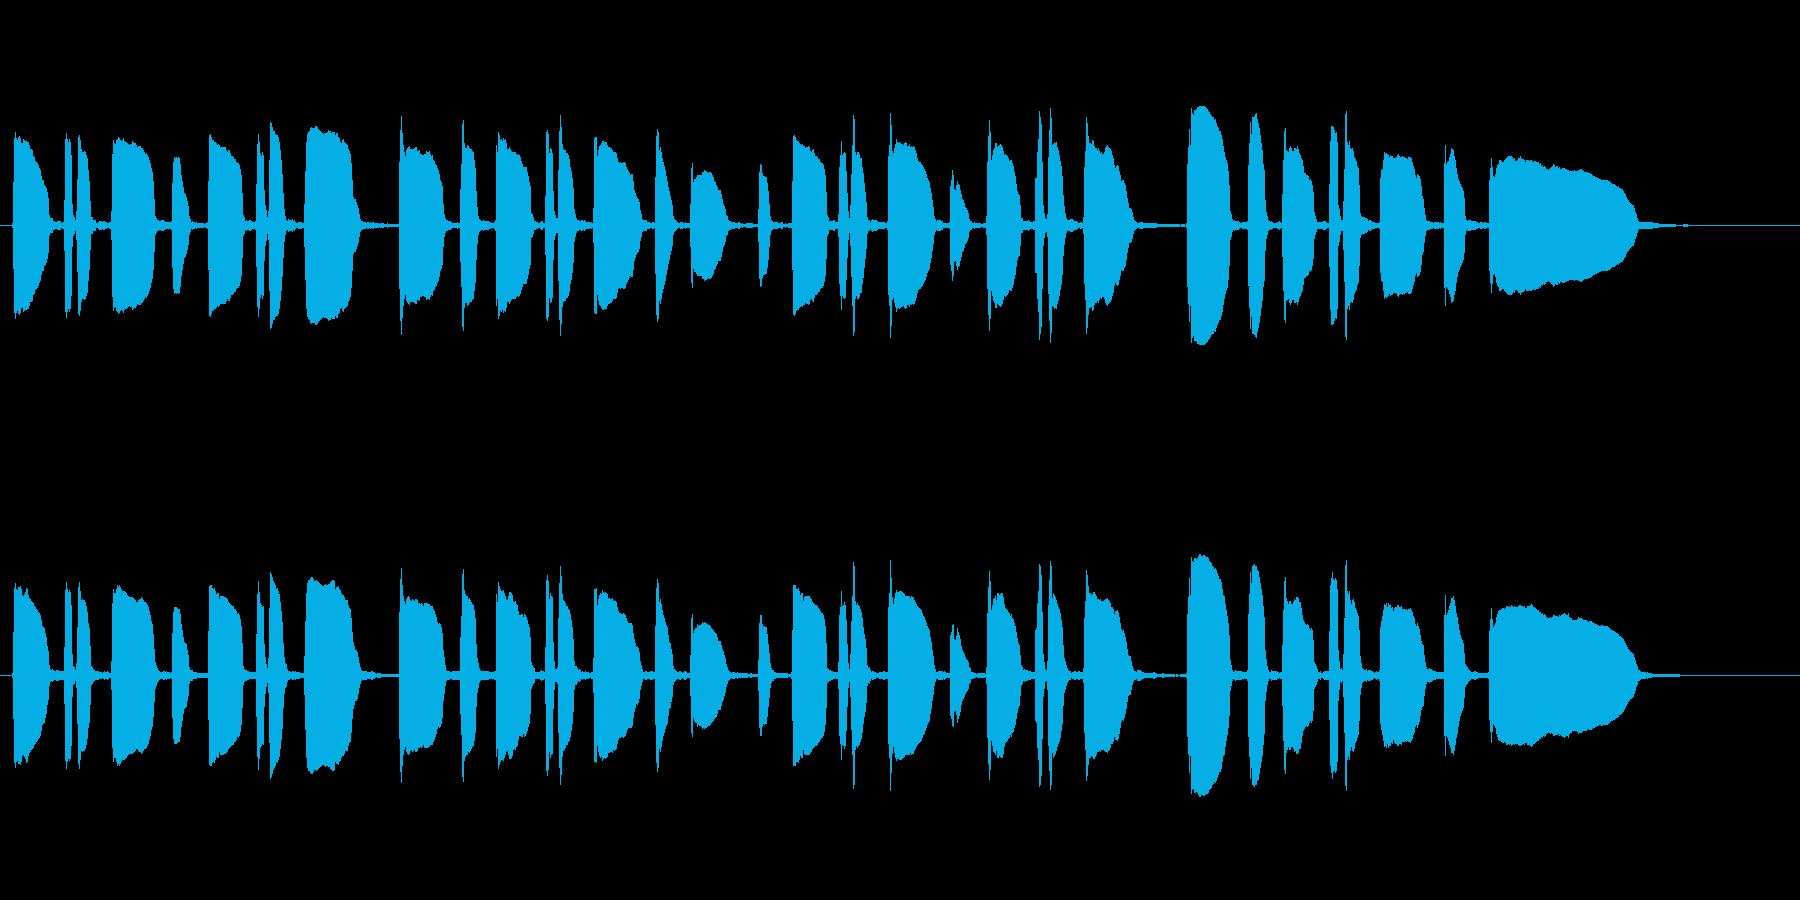 トランペット独奏のサウンドロゴの再生済みの波形